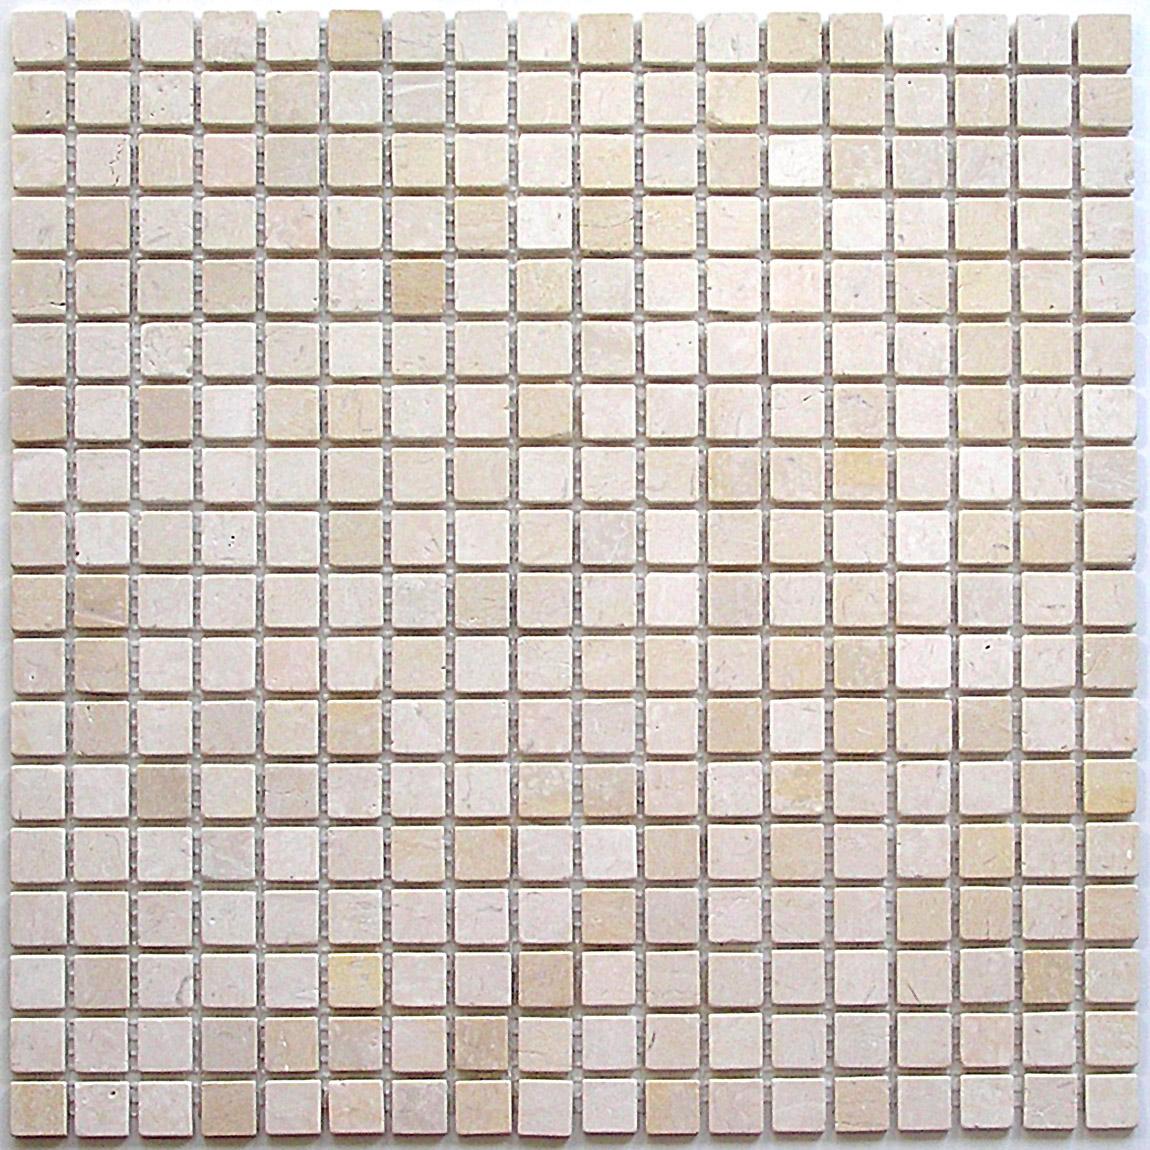 Купить Керамическая плитка China Mosaic Sorento 15 slim (matt) (4x15x15) Мозаика 30, 5x30, 5, Китай